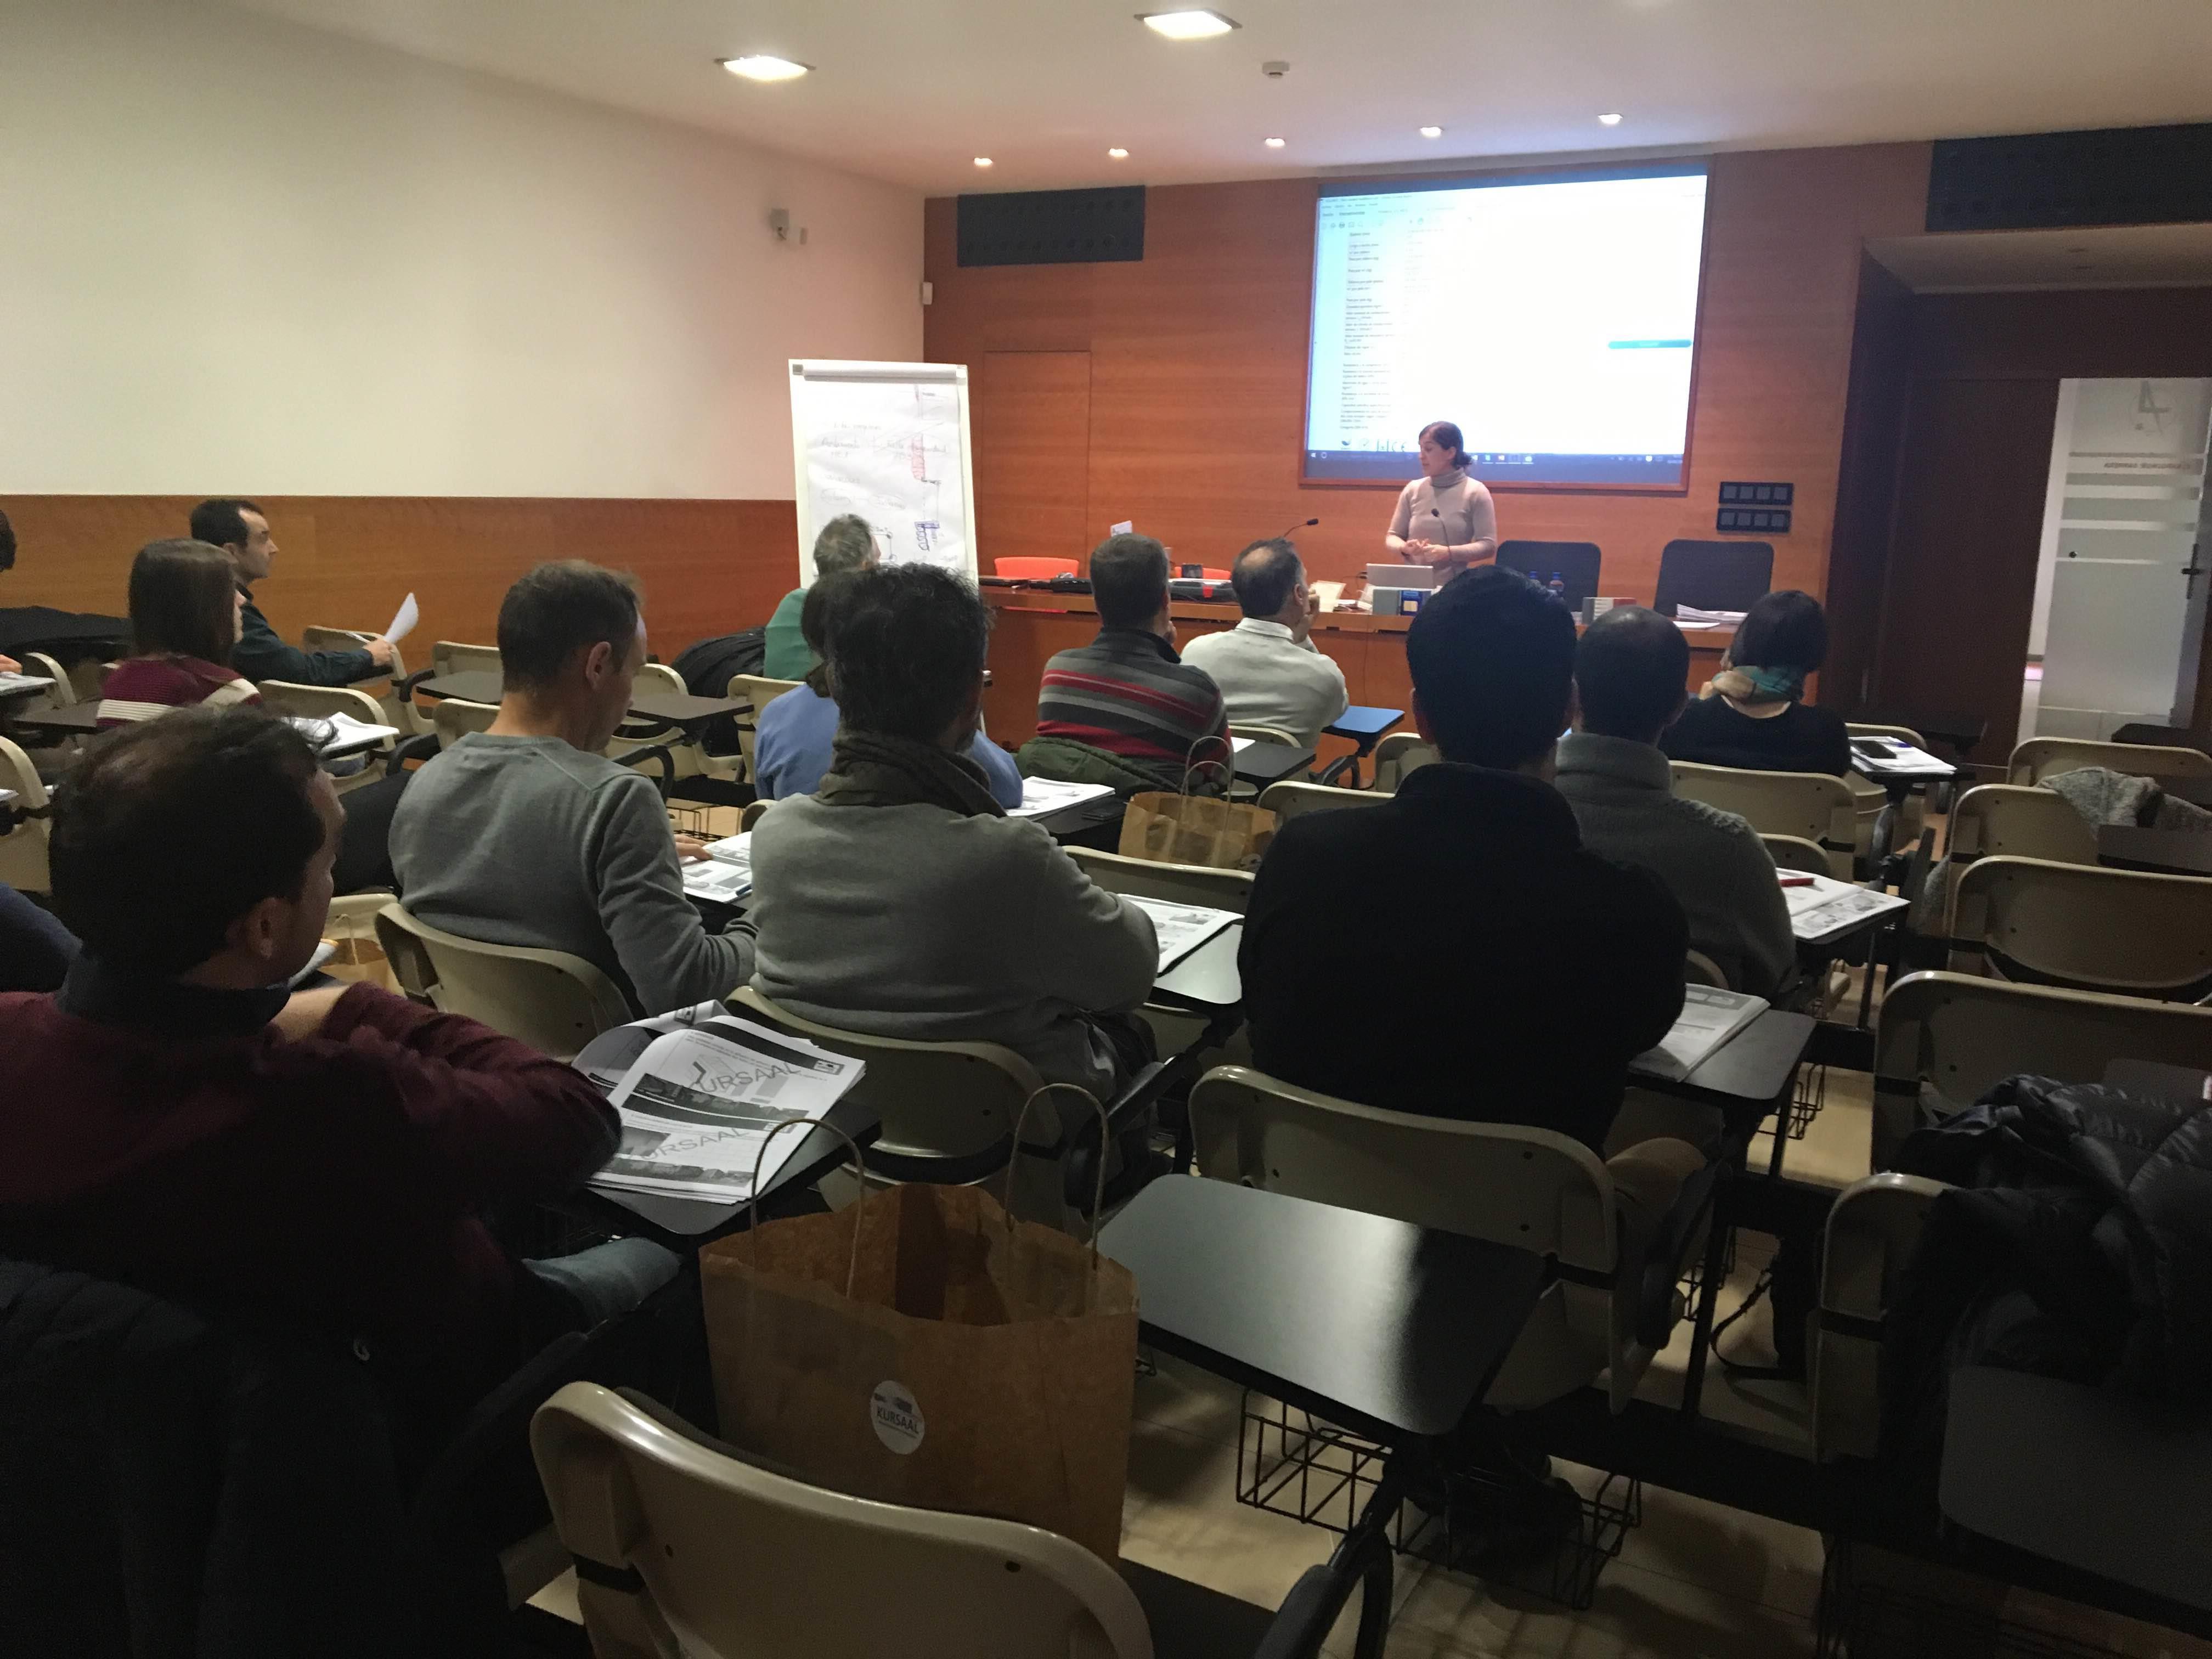 foto noticia: Hemos impartido la 4ª edición del curso SATE en el COAAT de Álava